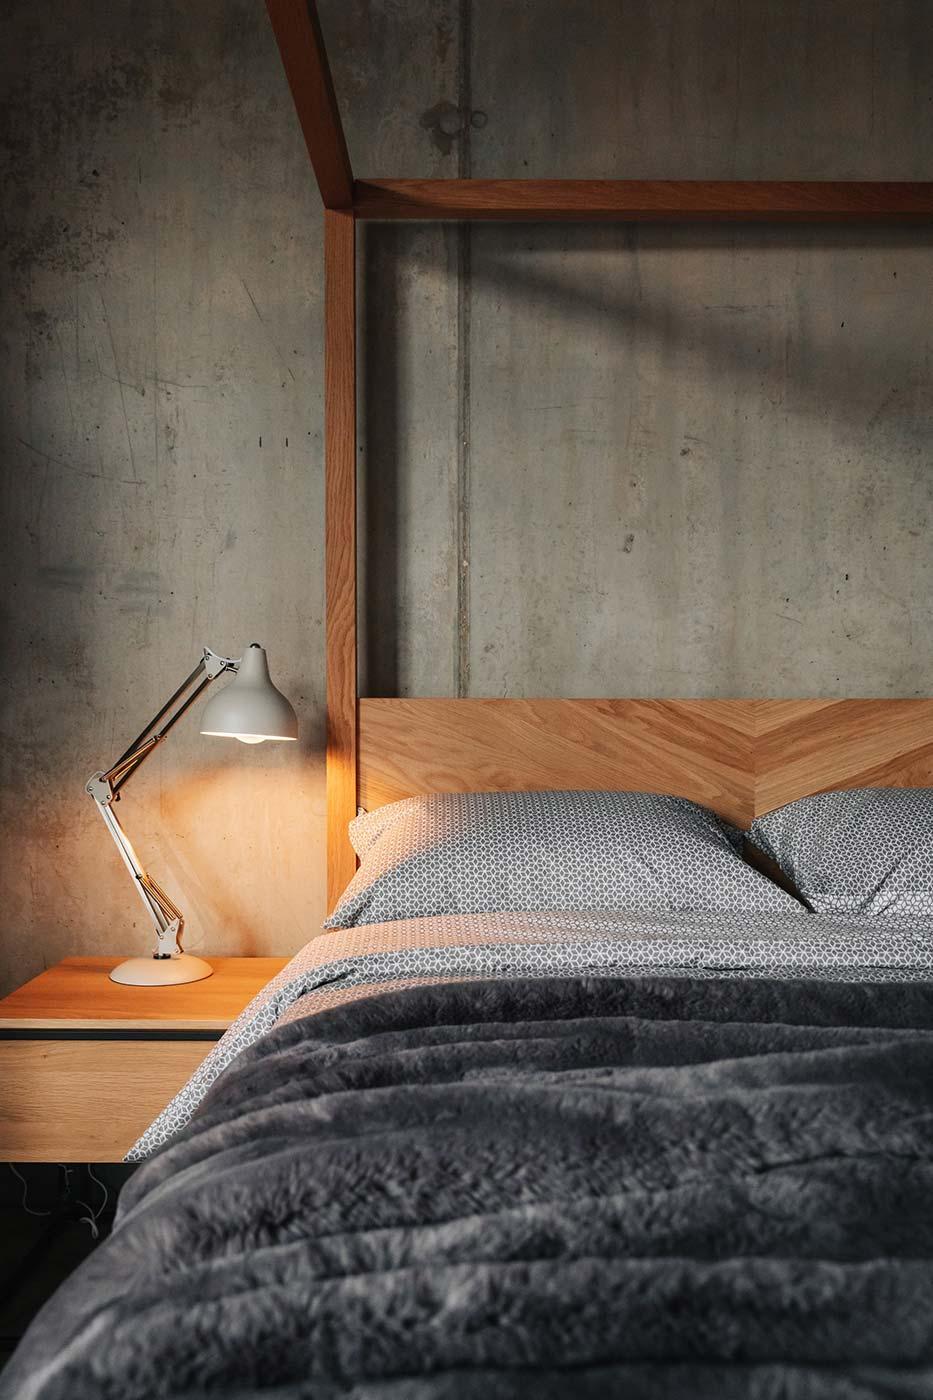 Grey reversible duvet set and faux fur bedspread on Kelham solid oak 4 poster bed